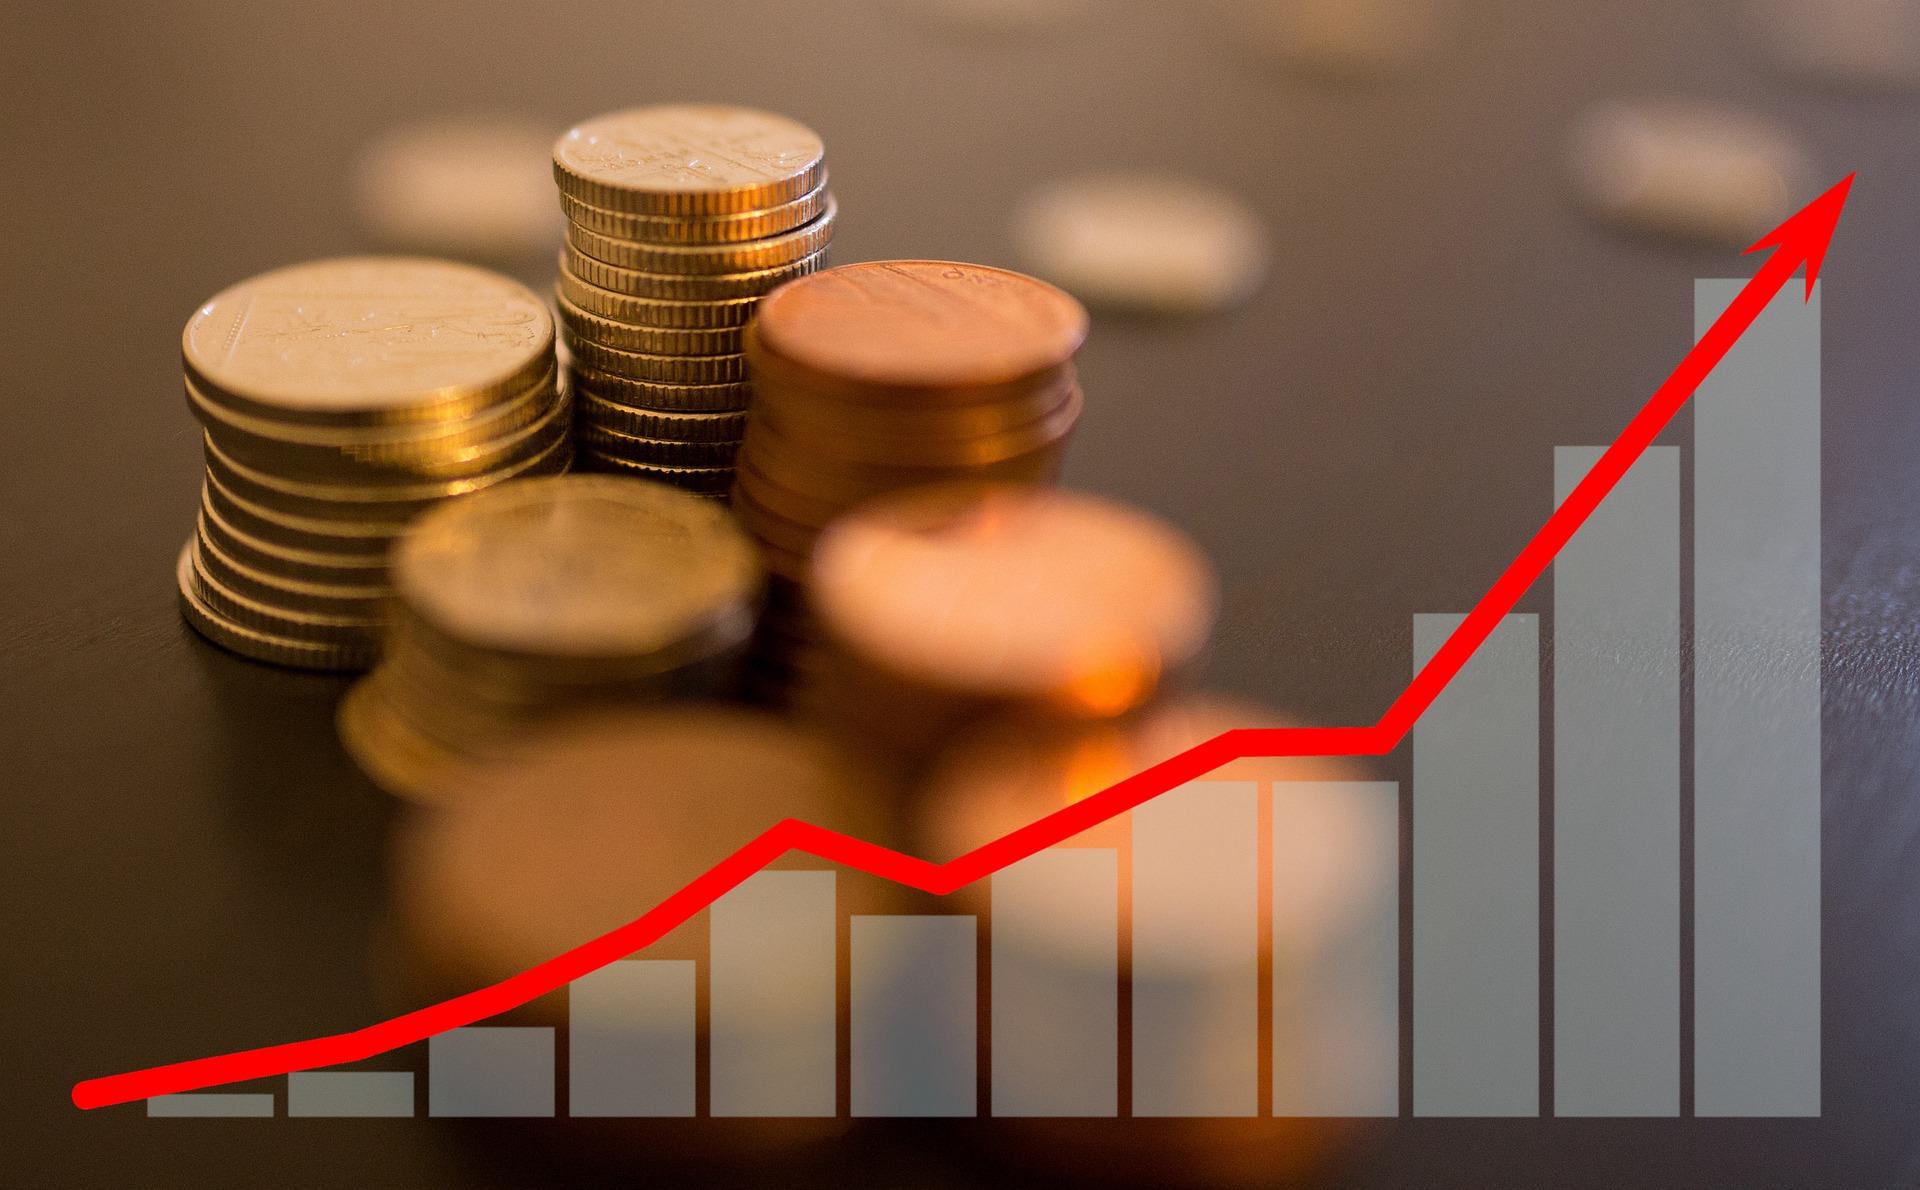 Центробанк повысил ключевую ставку до 7,5% в связи с ростом спроса